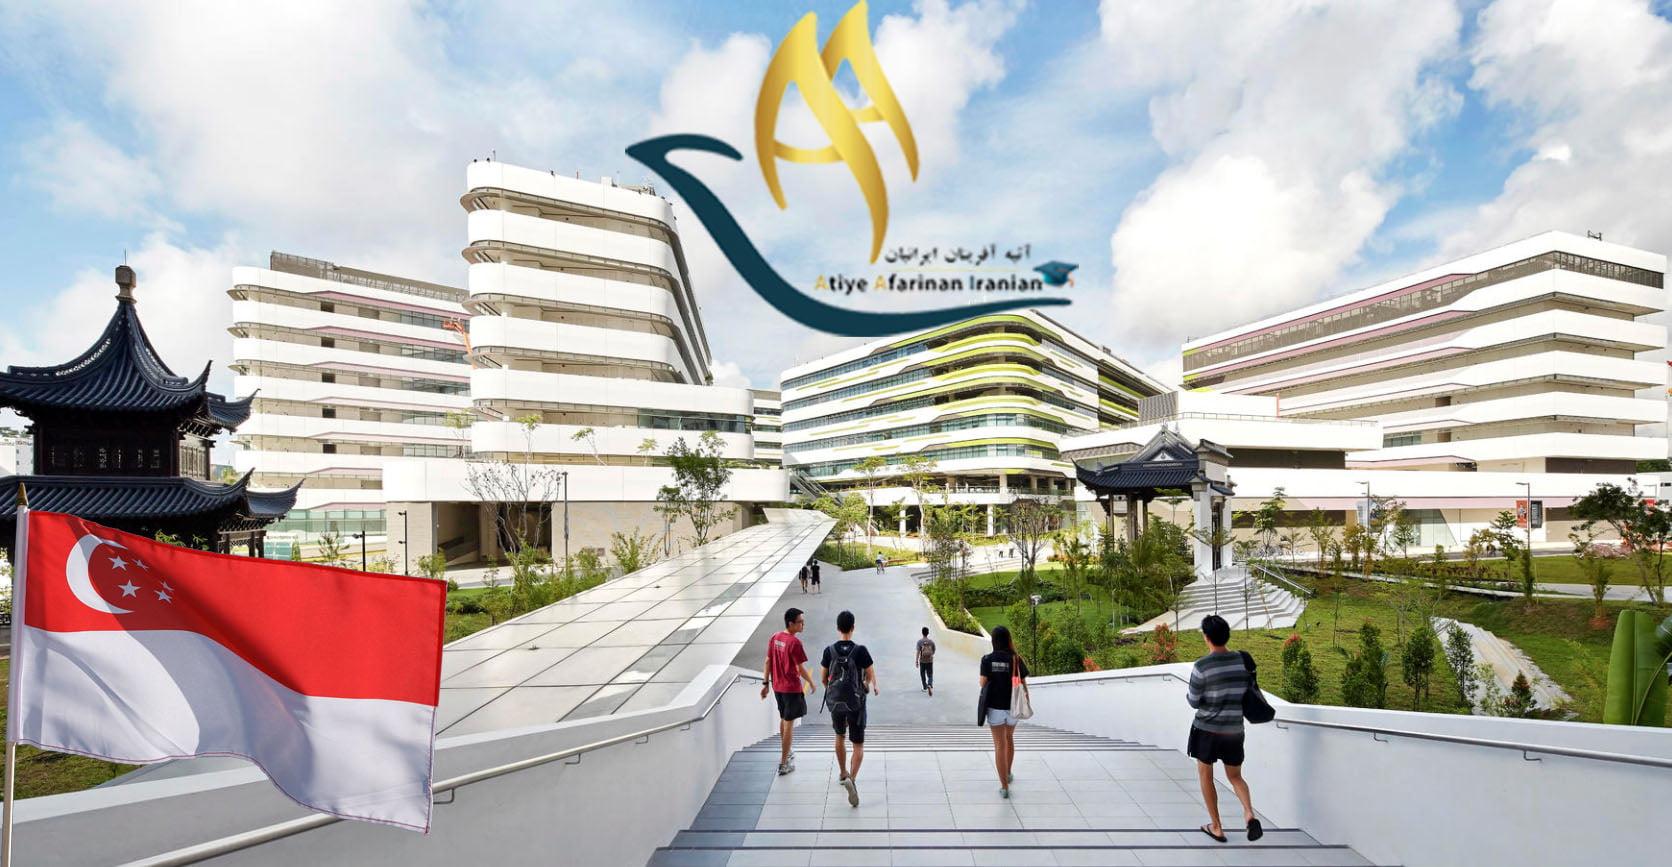 دانشگاه های مورد تایید وزارت بهداشت در سنگاپور